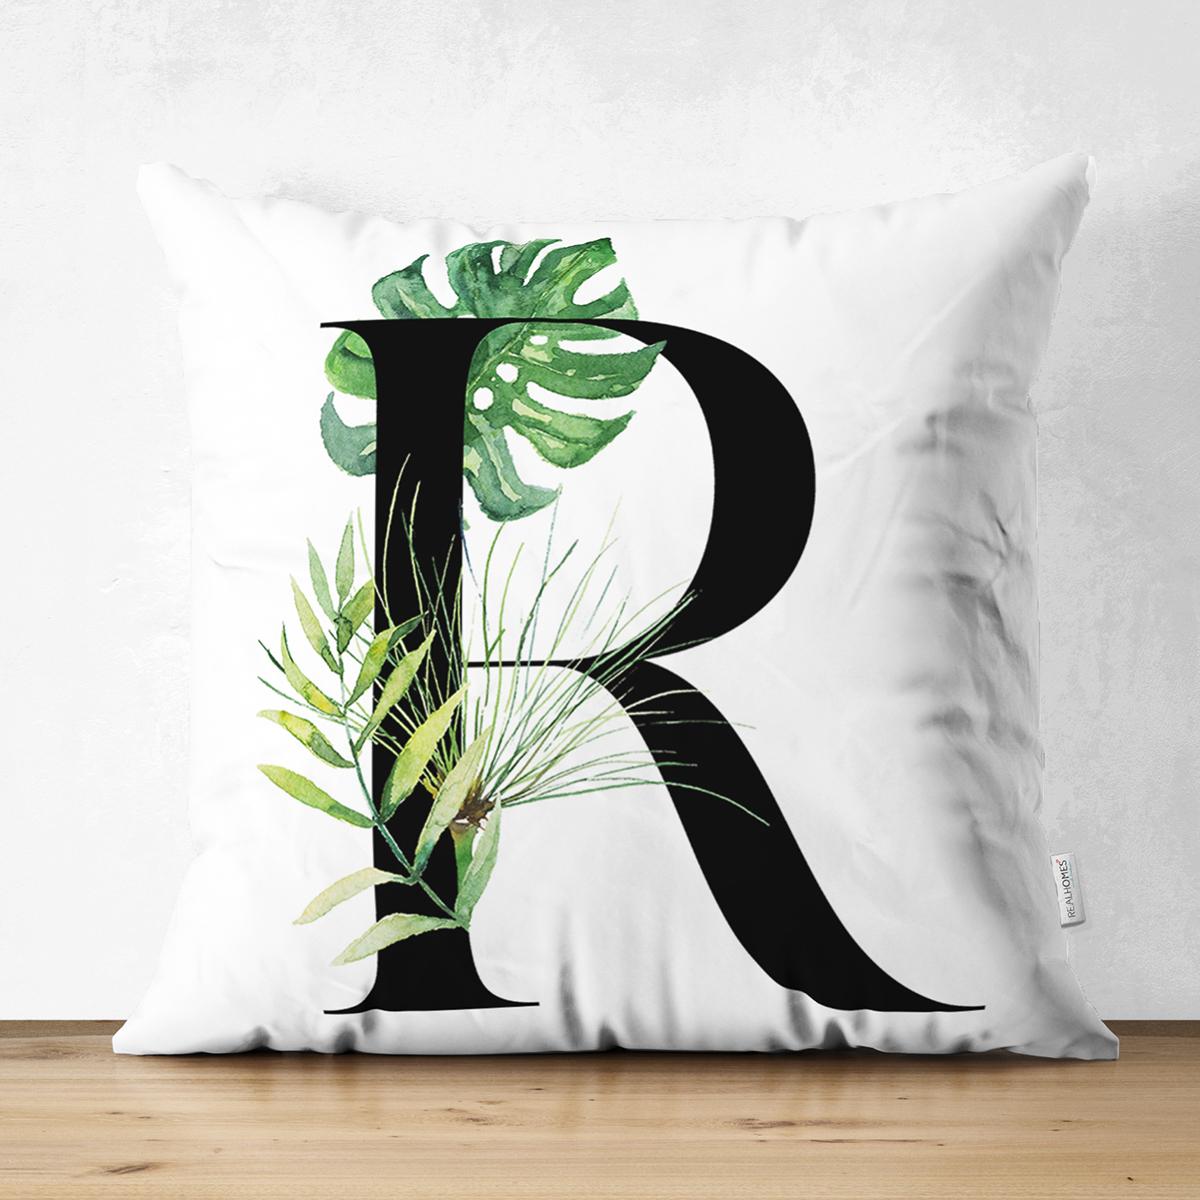 Beyaz Zemin Yaprak Motifli Siyah RHarfi Özel Tasarım Modern Suet Yastık Kırlent Kılıfı Realhomes